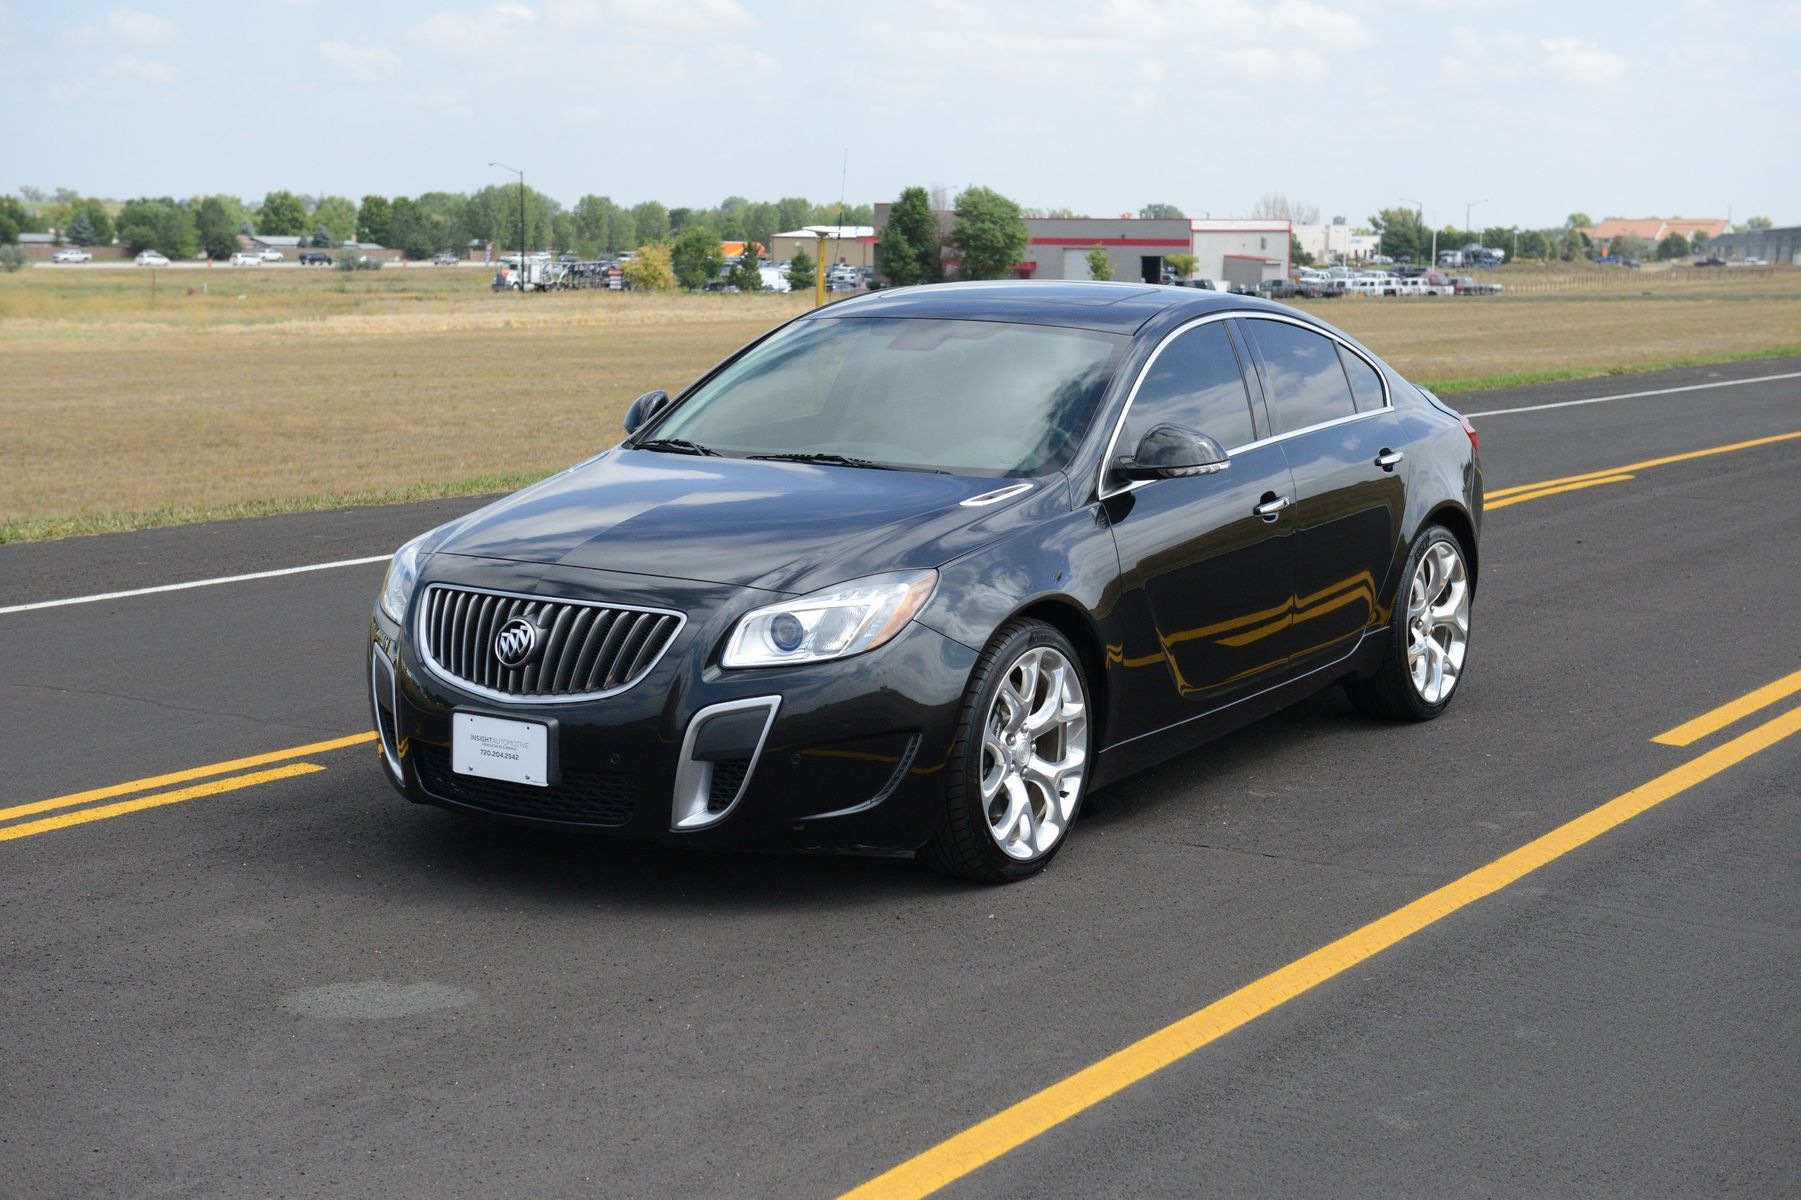 2012 Buick Regal Gs Insight Automotive